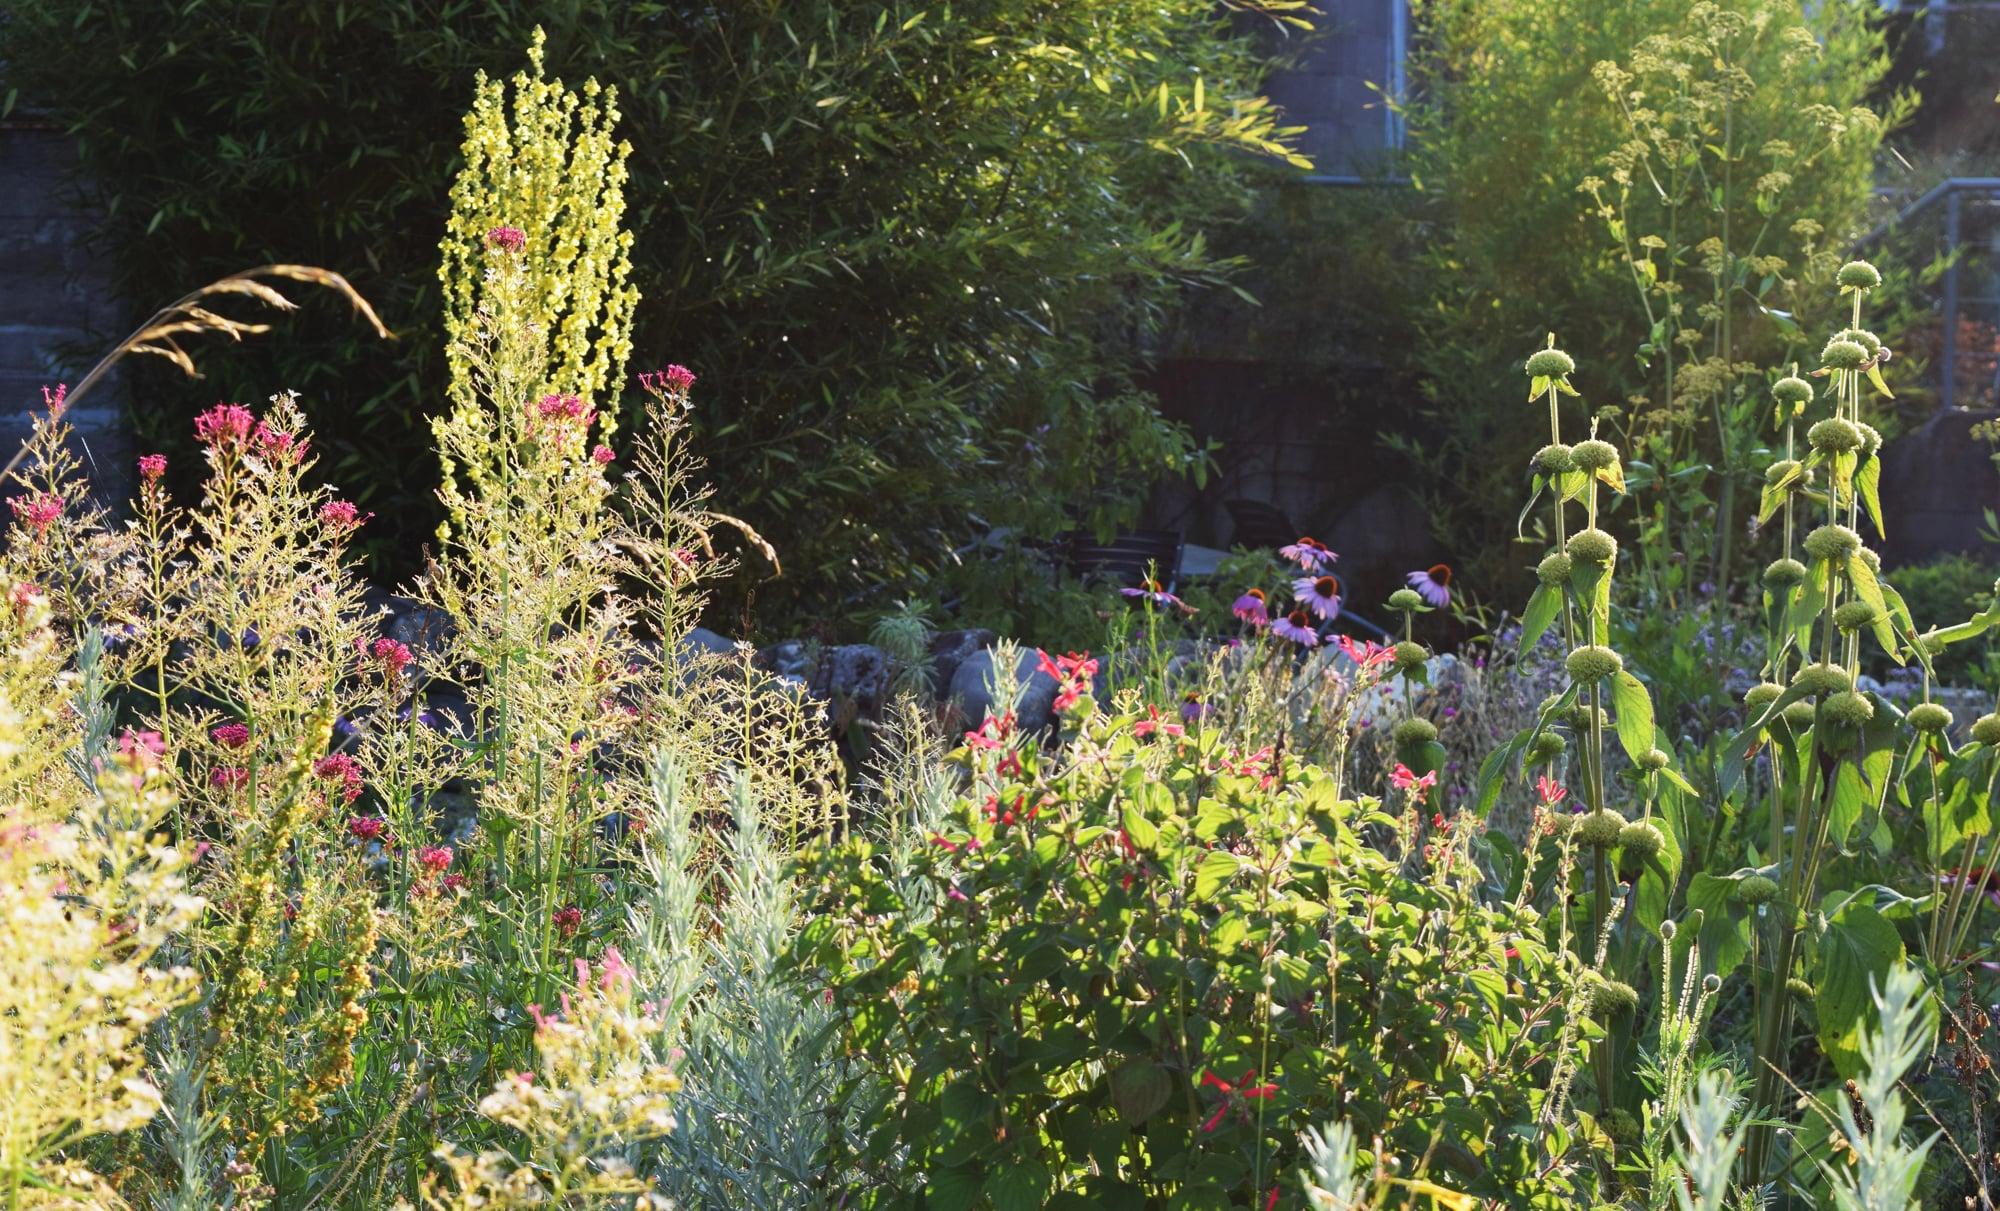 Sommergarten_1_15jpg.jpg